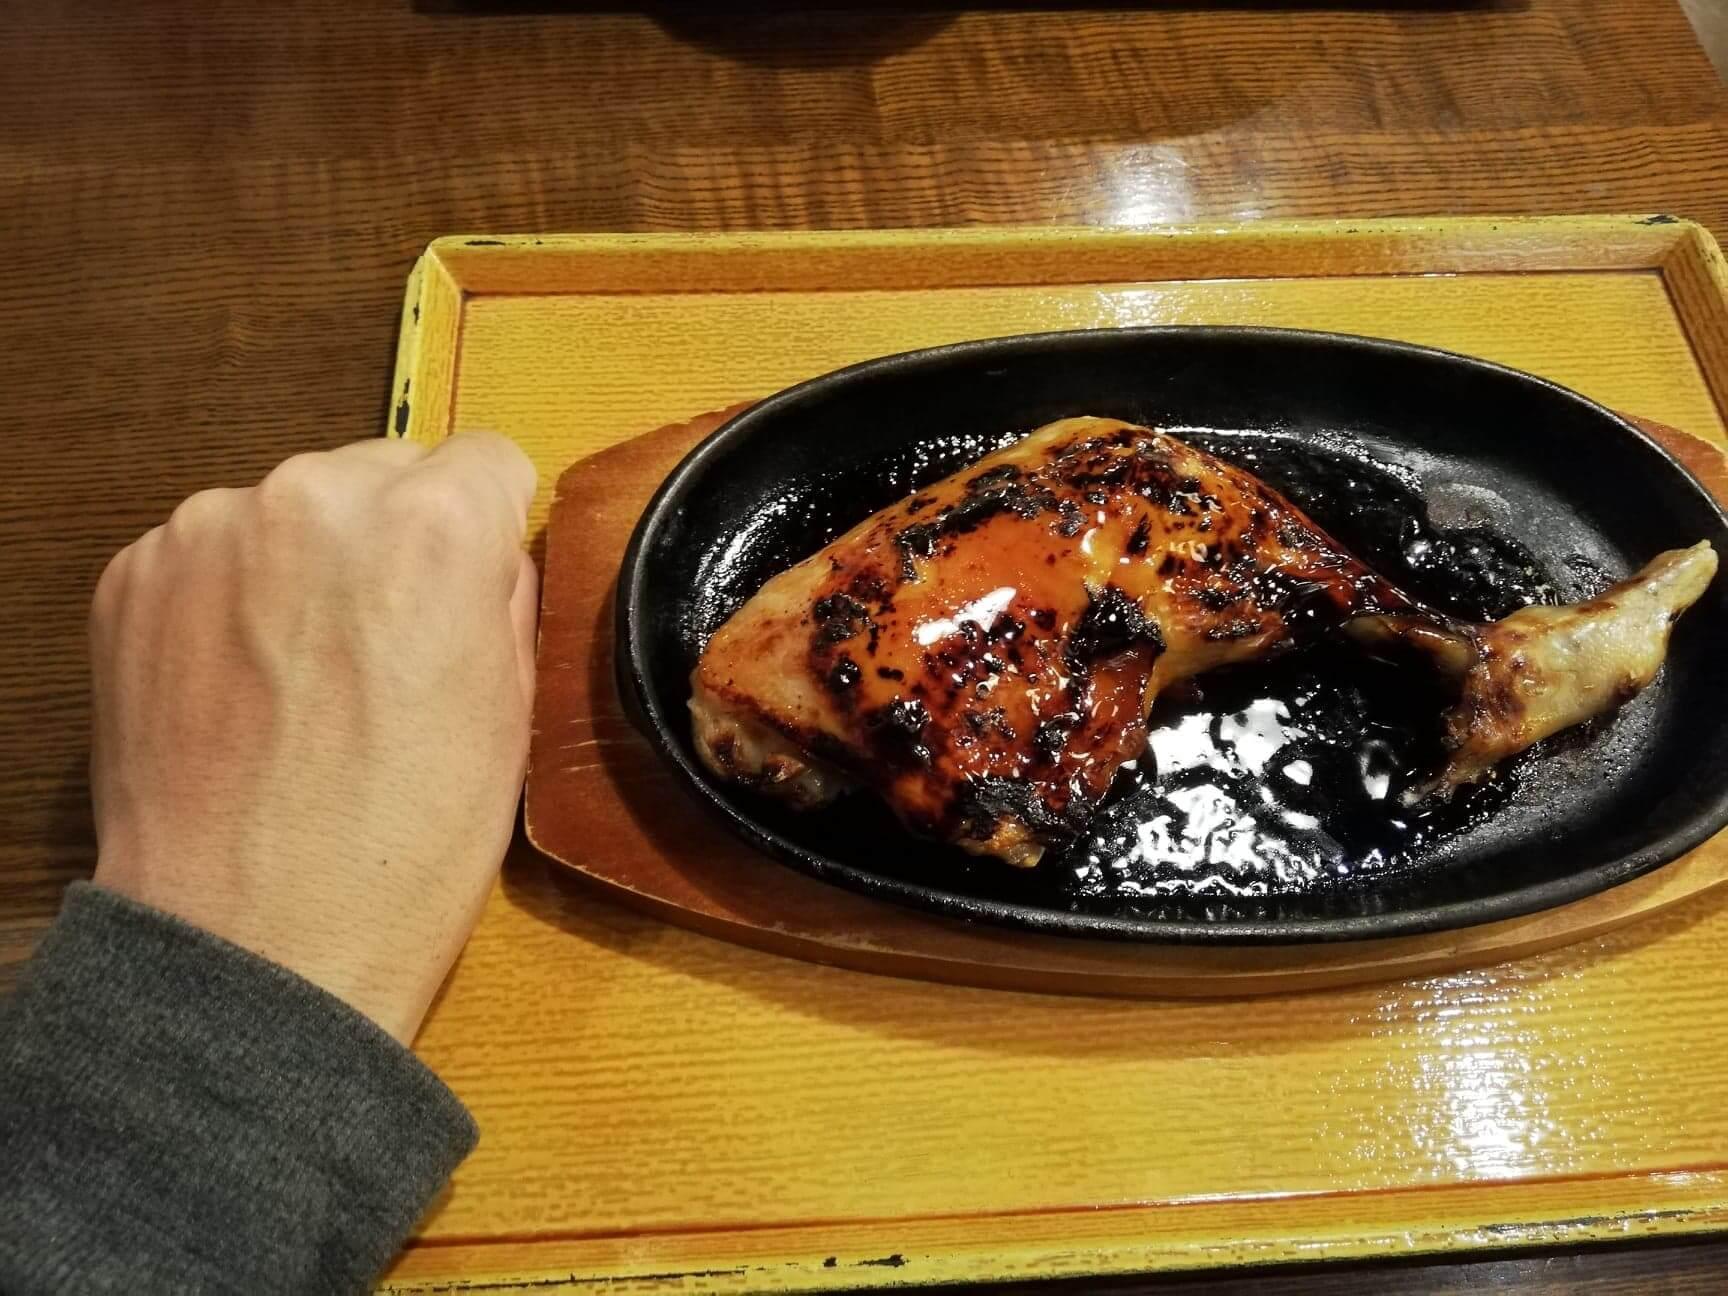 広島県の前空駅『田舎茶屋わたや大野店』の山賊焼きと拳のサイズ比較写真